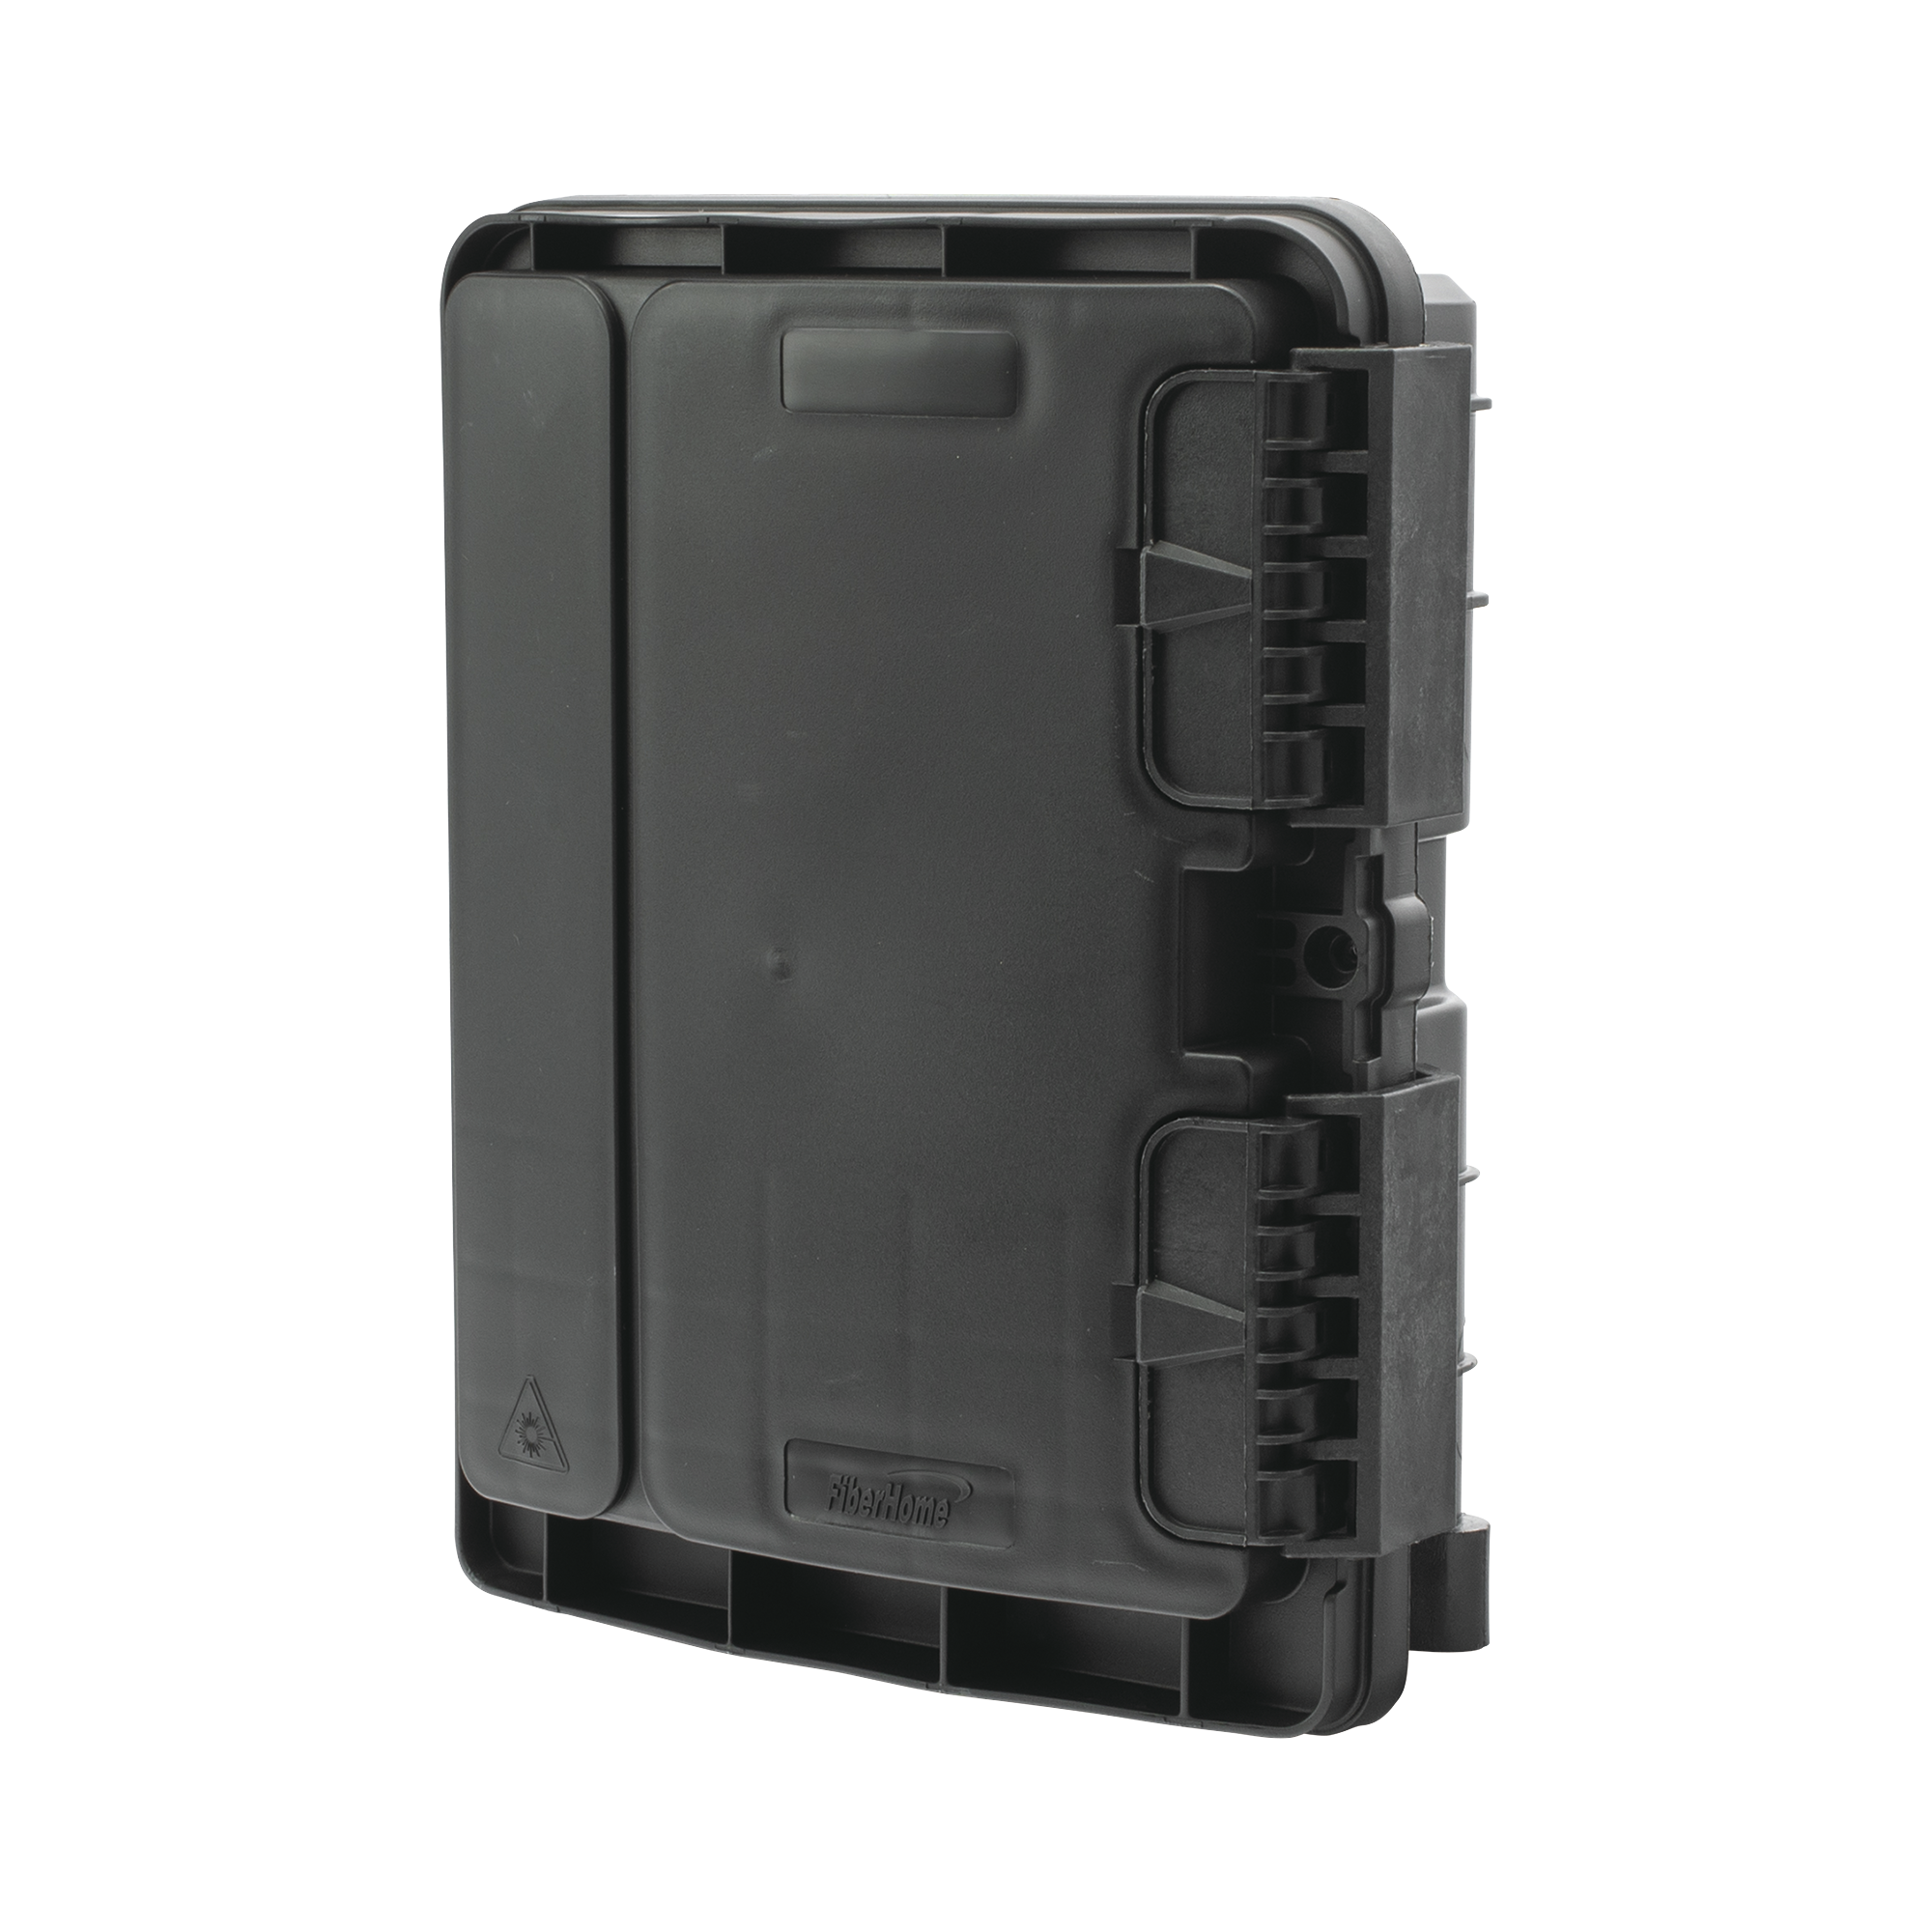 Cierre de Empalme para 20 fusiones de fibra óptica, Exterior, 16 acopladores SC/APC, IP65